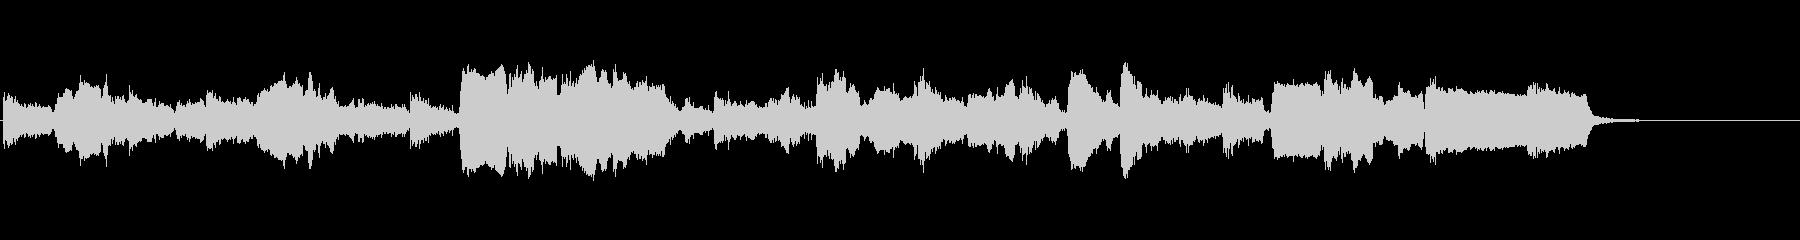 生演奏リコーダーの切なく荘厳なBGMの未再生の波形